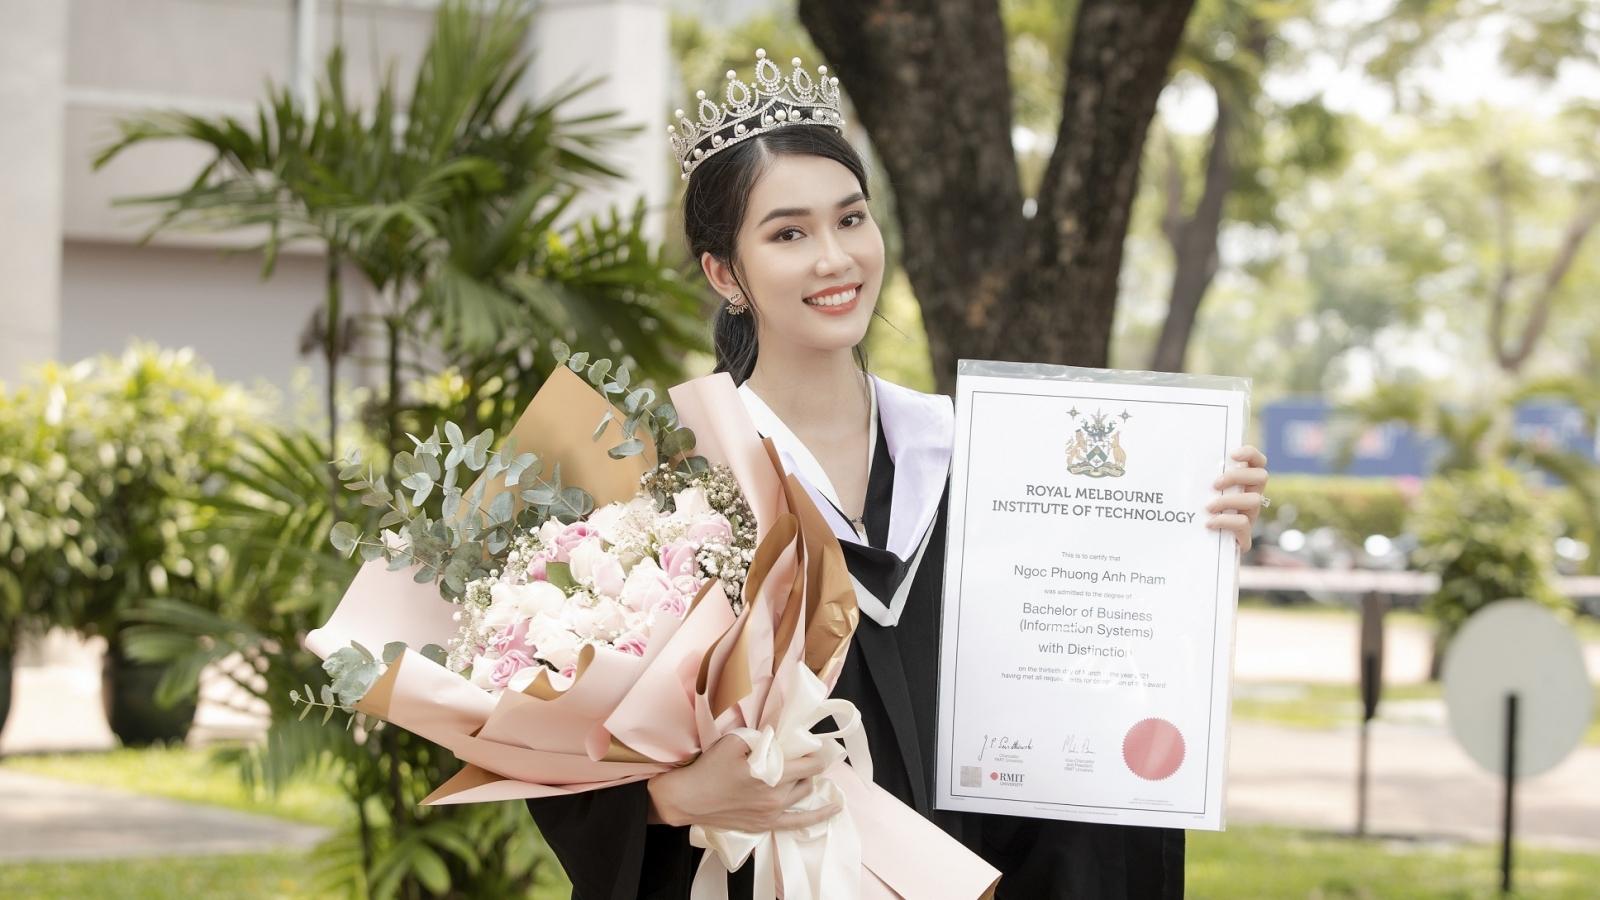 Á hậu Phương Anh xuất sắc nhận học bổng Thạc sĩ của Đại Học RMIT